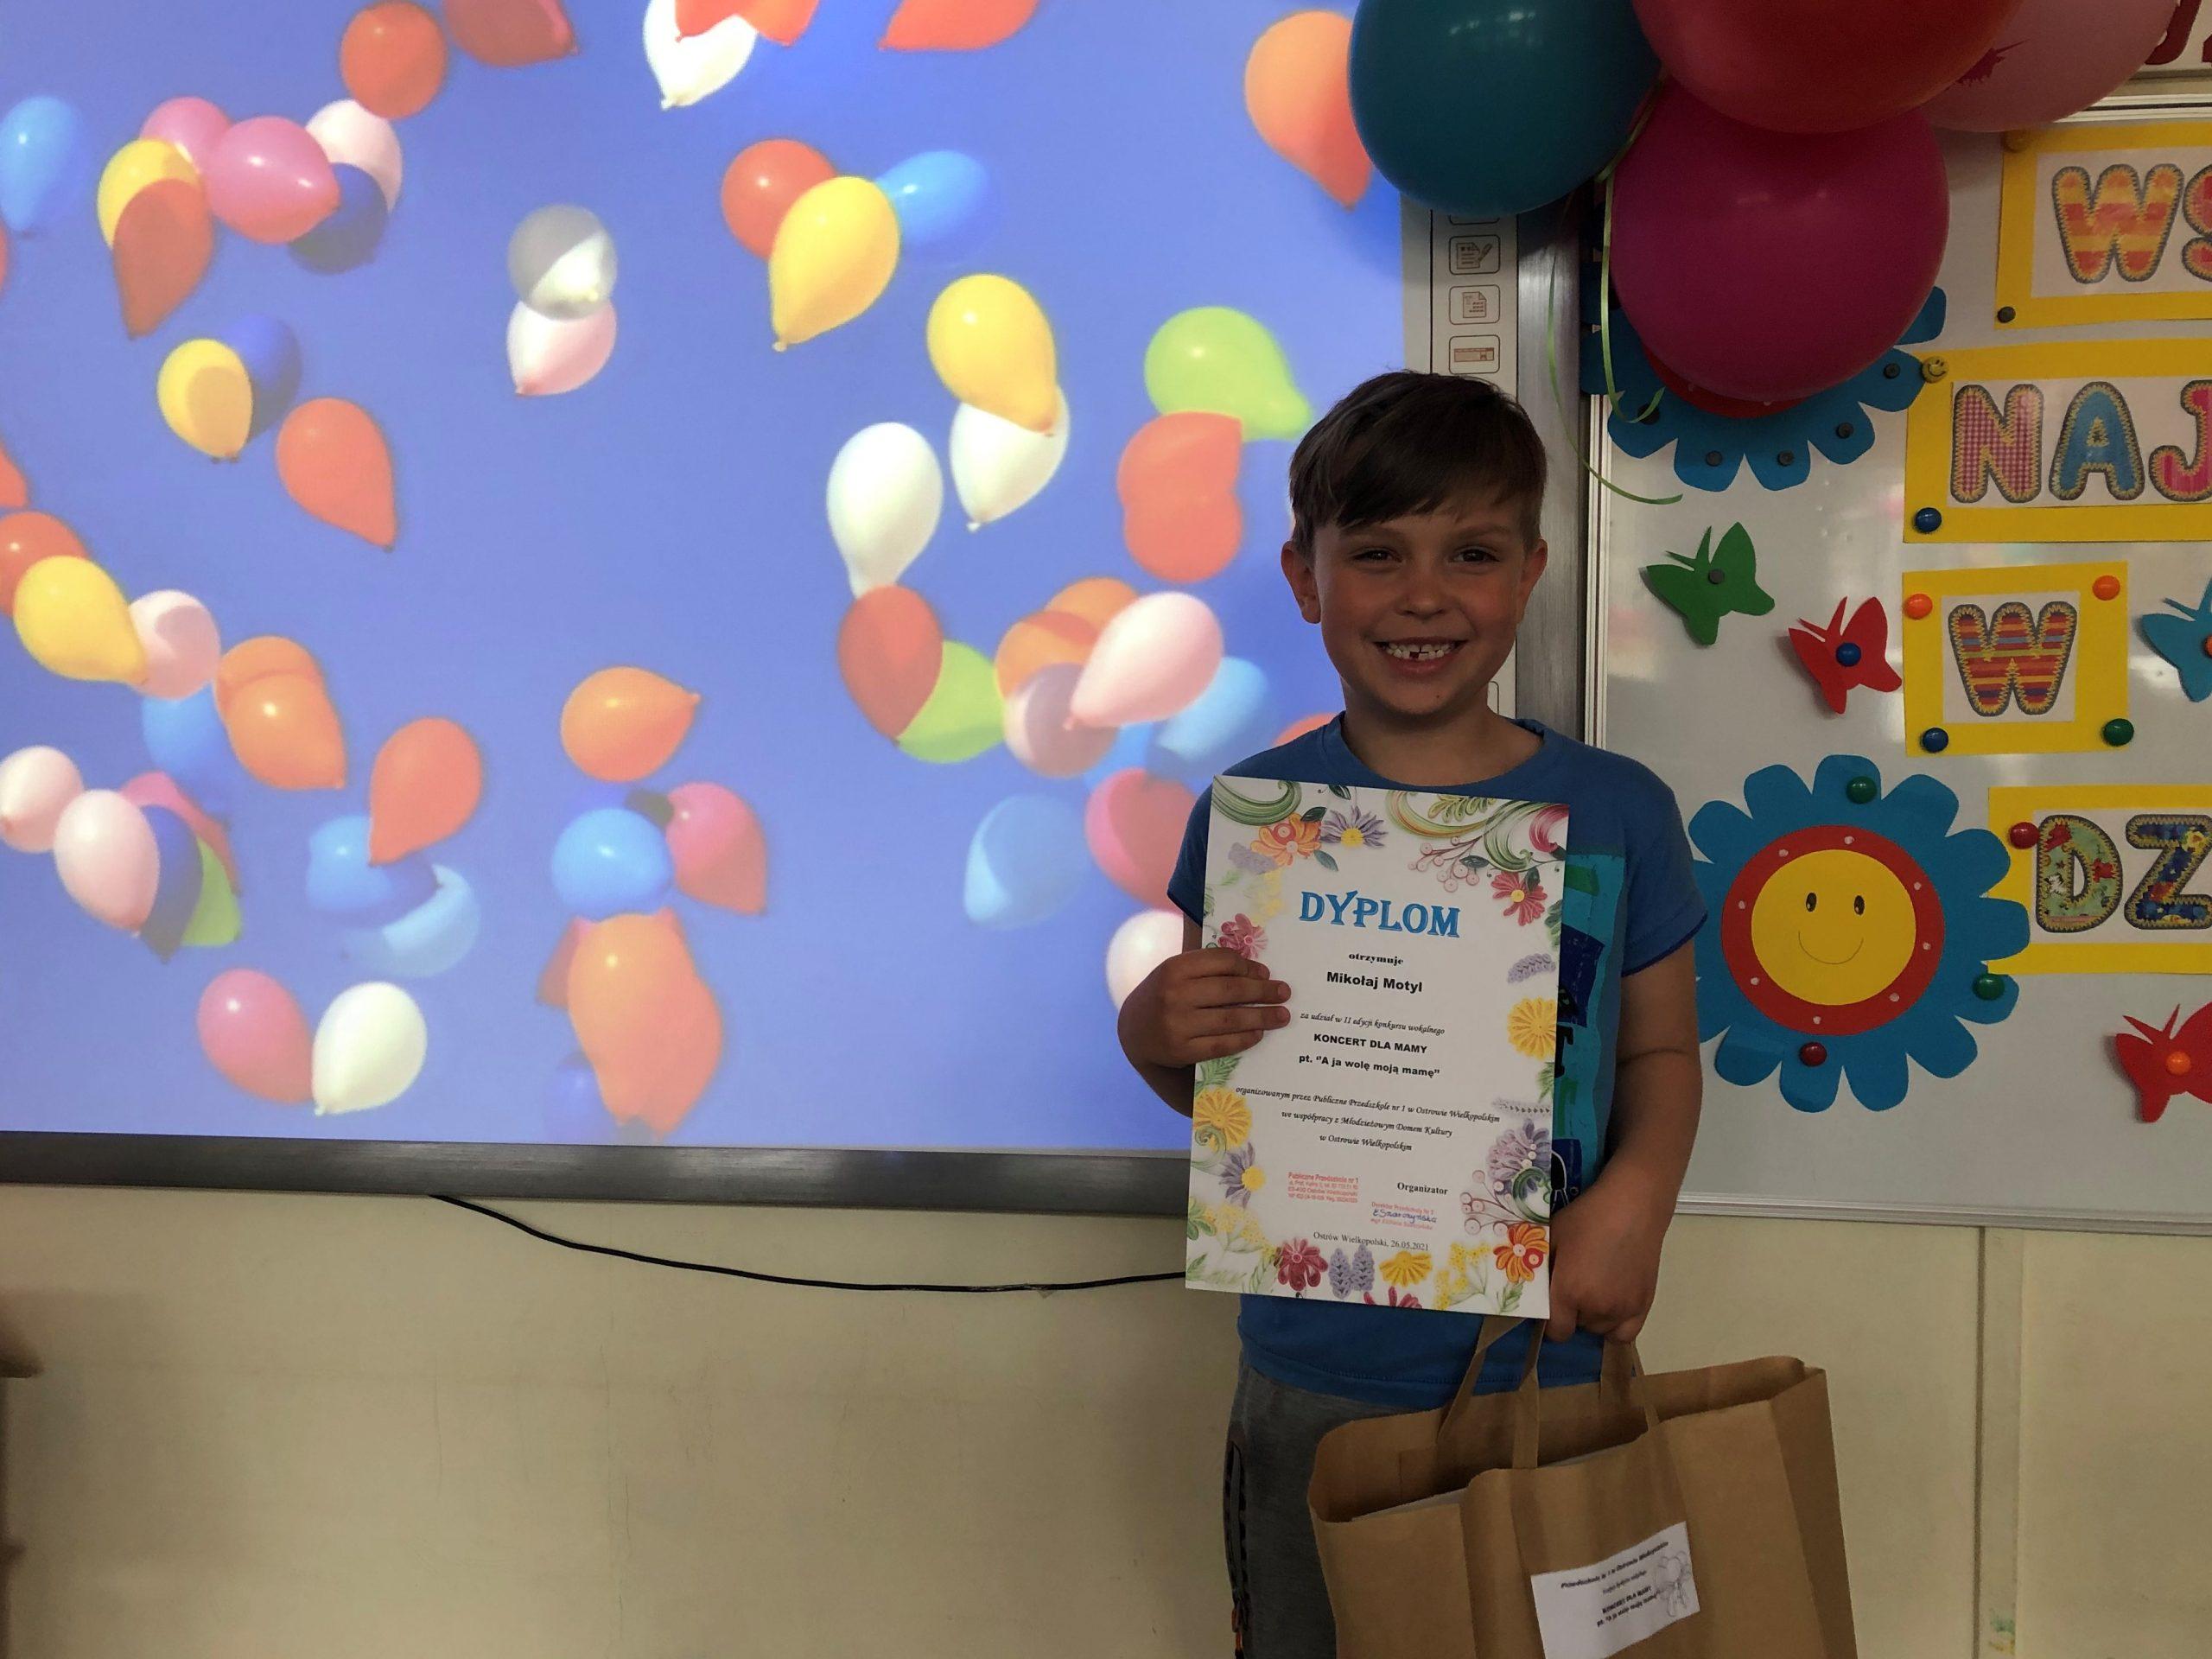 Chłopiec trzymajacy dyplom oraz nagrodę. W tle zdjęcia widać kolorowe balony.